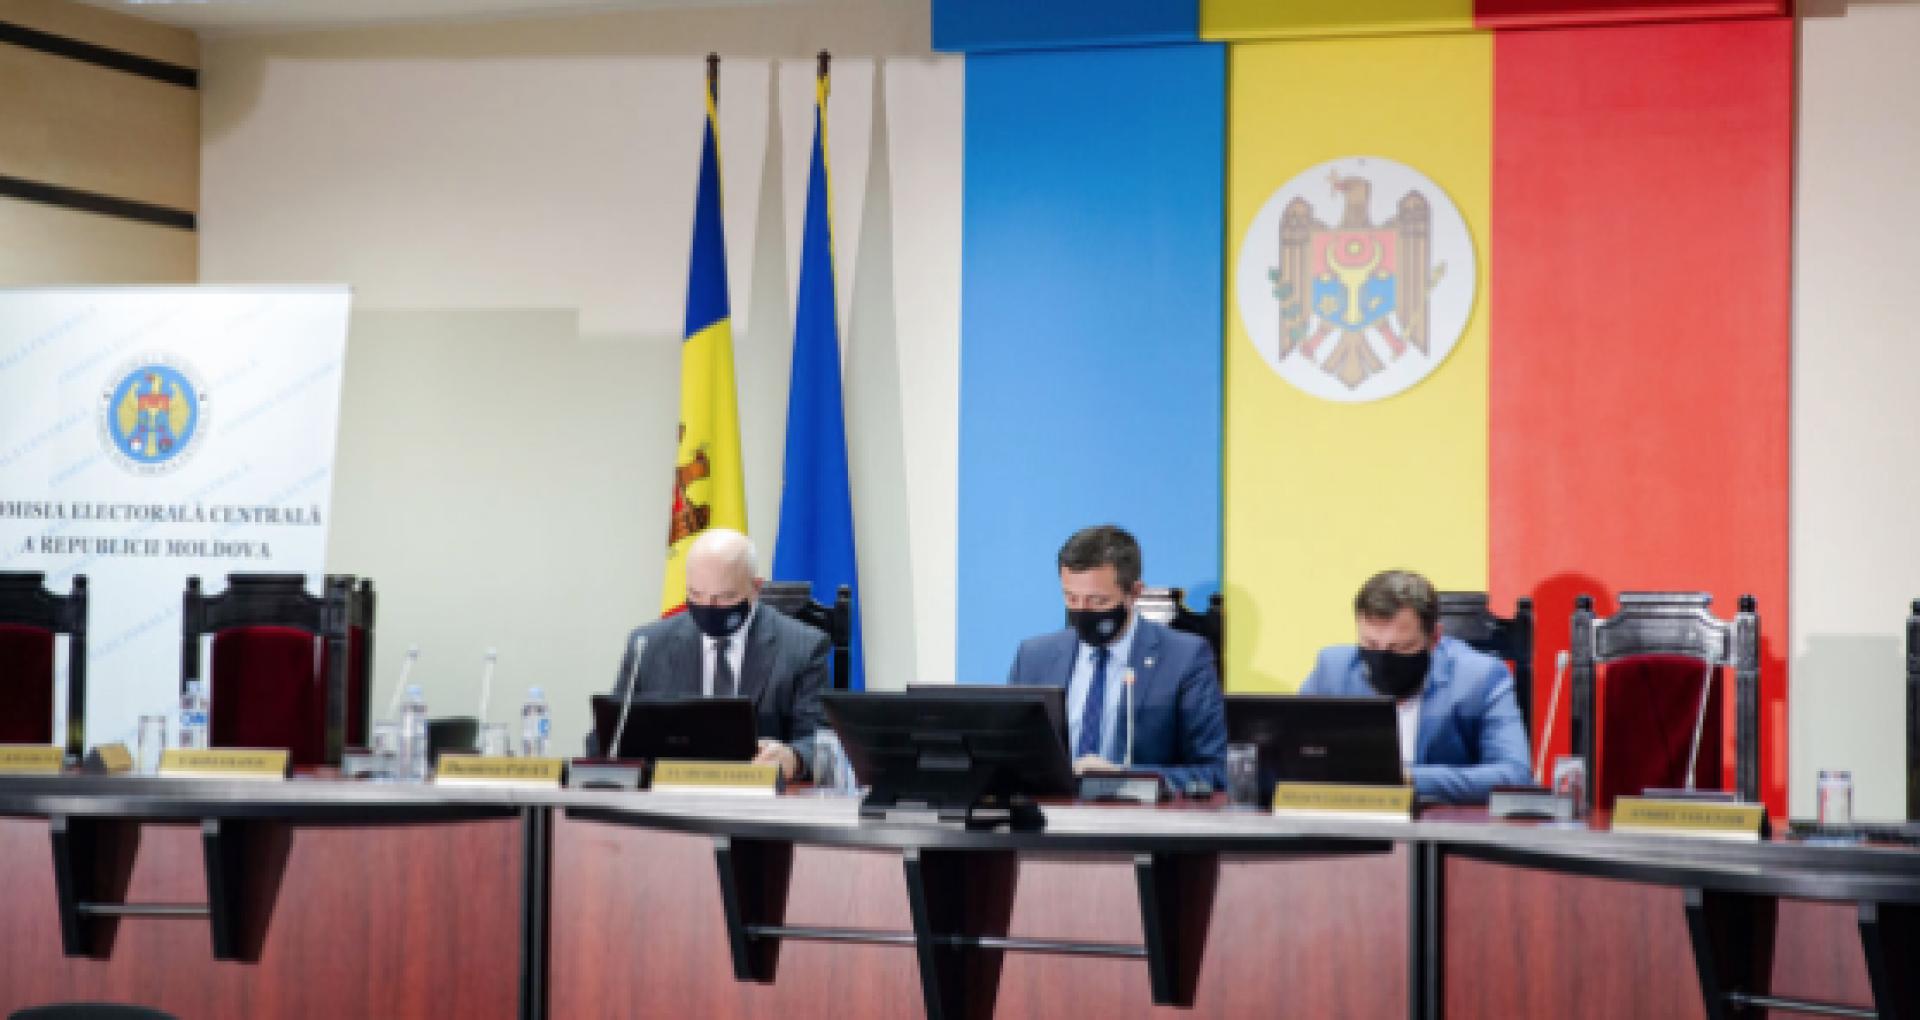 CEC a înregistrat oficial PDCM, AUR și NOI în cursa electorală pentru alegerile parlamentare anticipate din 11 iulie